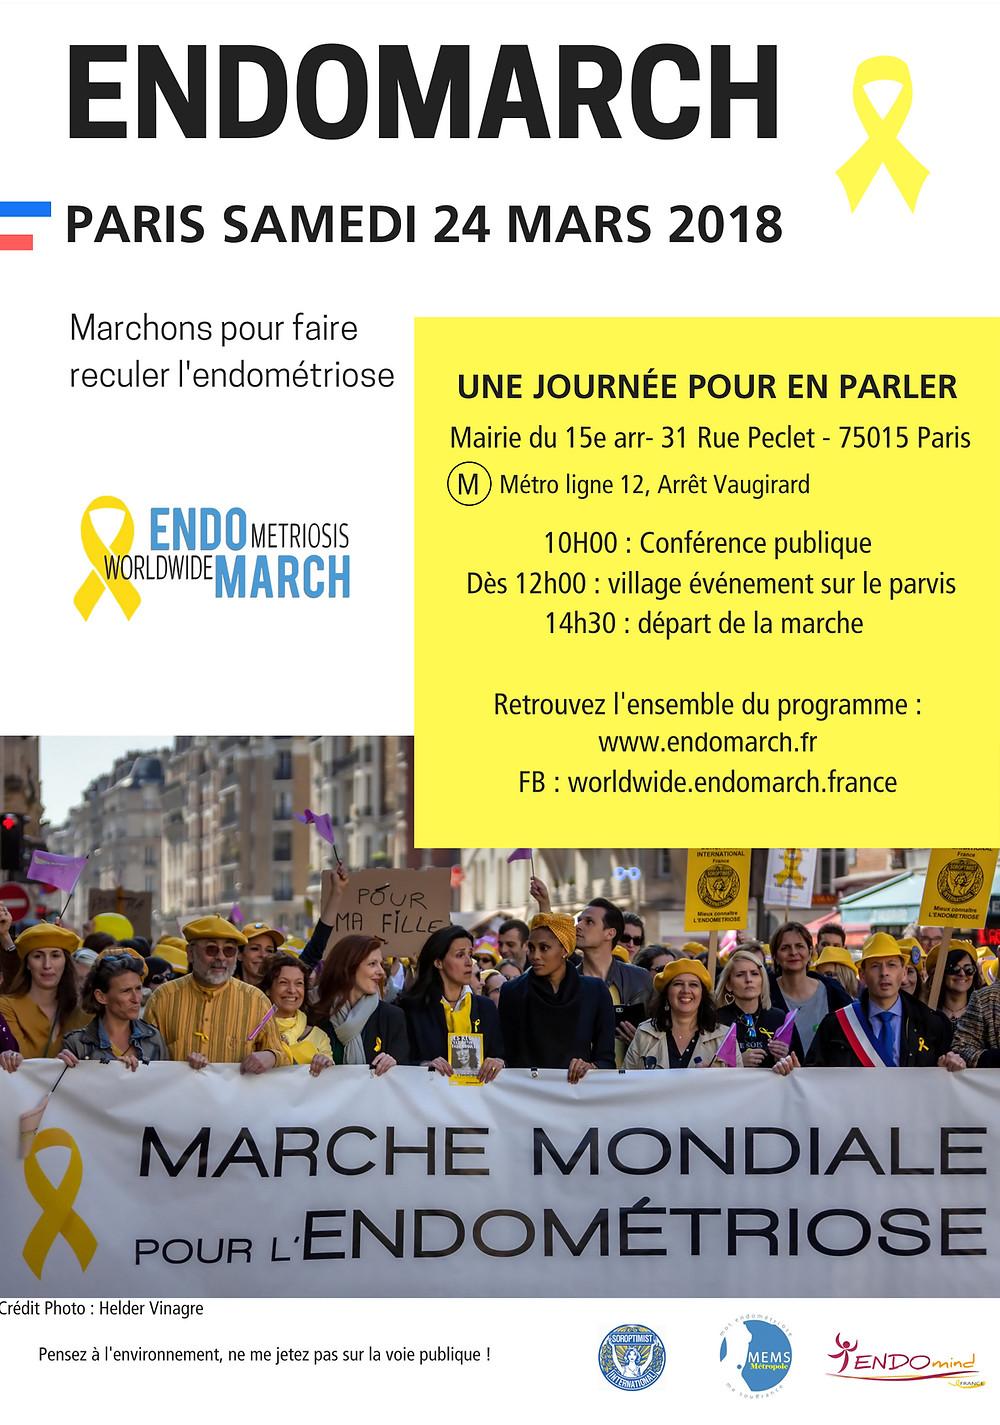 Marche mondiale pour l'endometriose 24 mars 2018